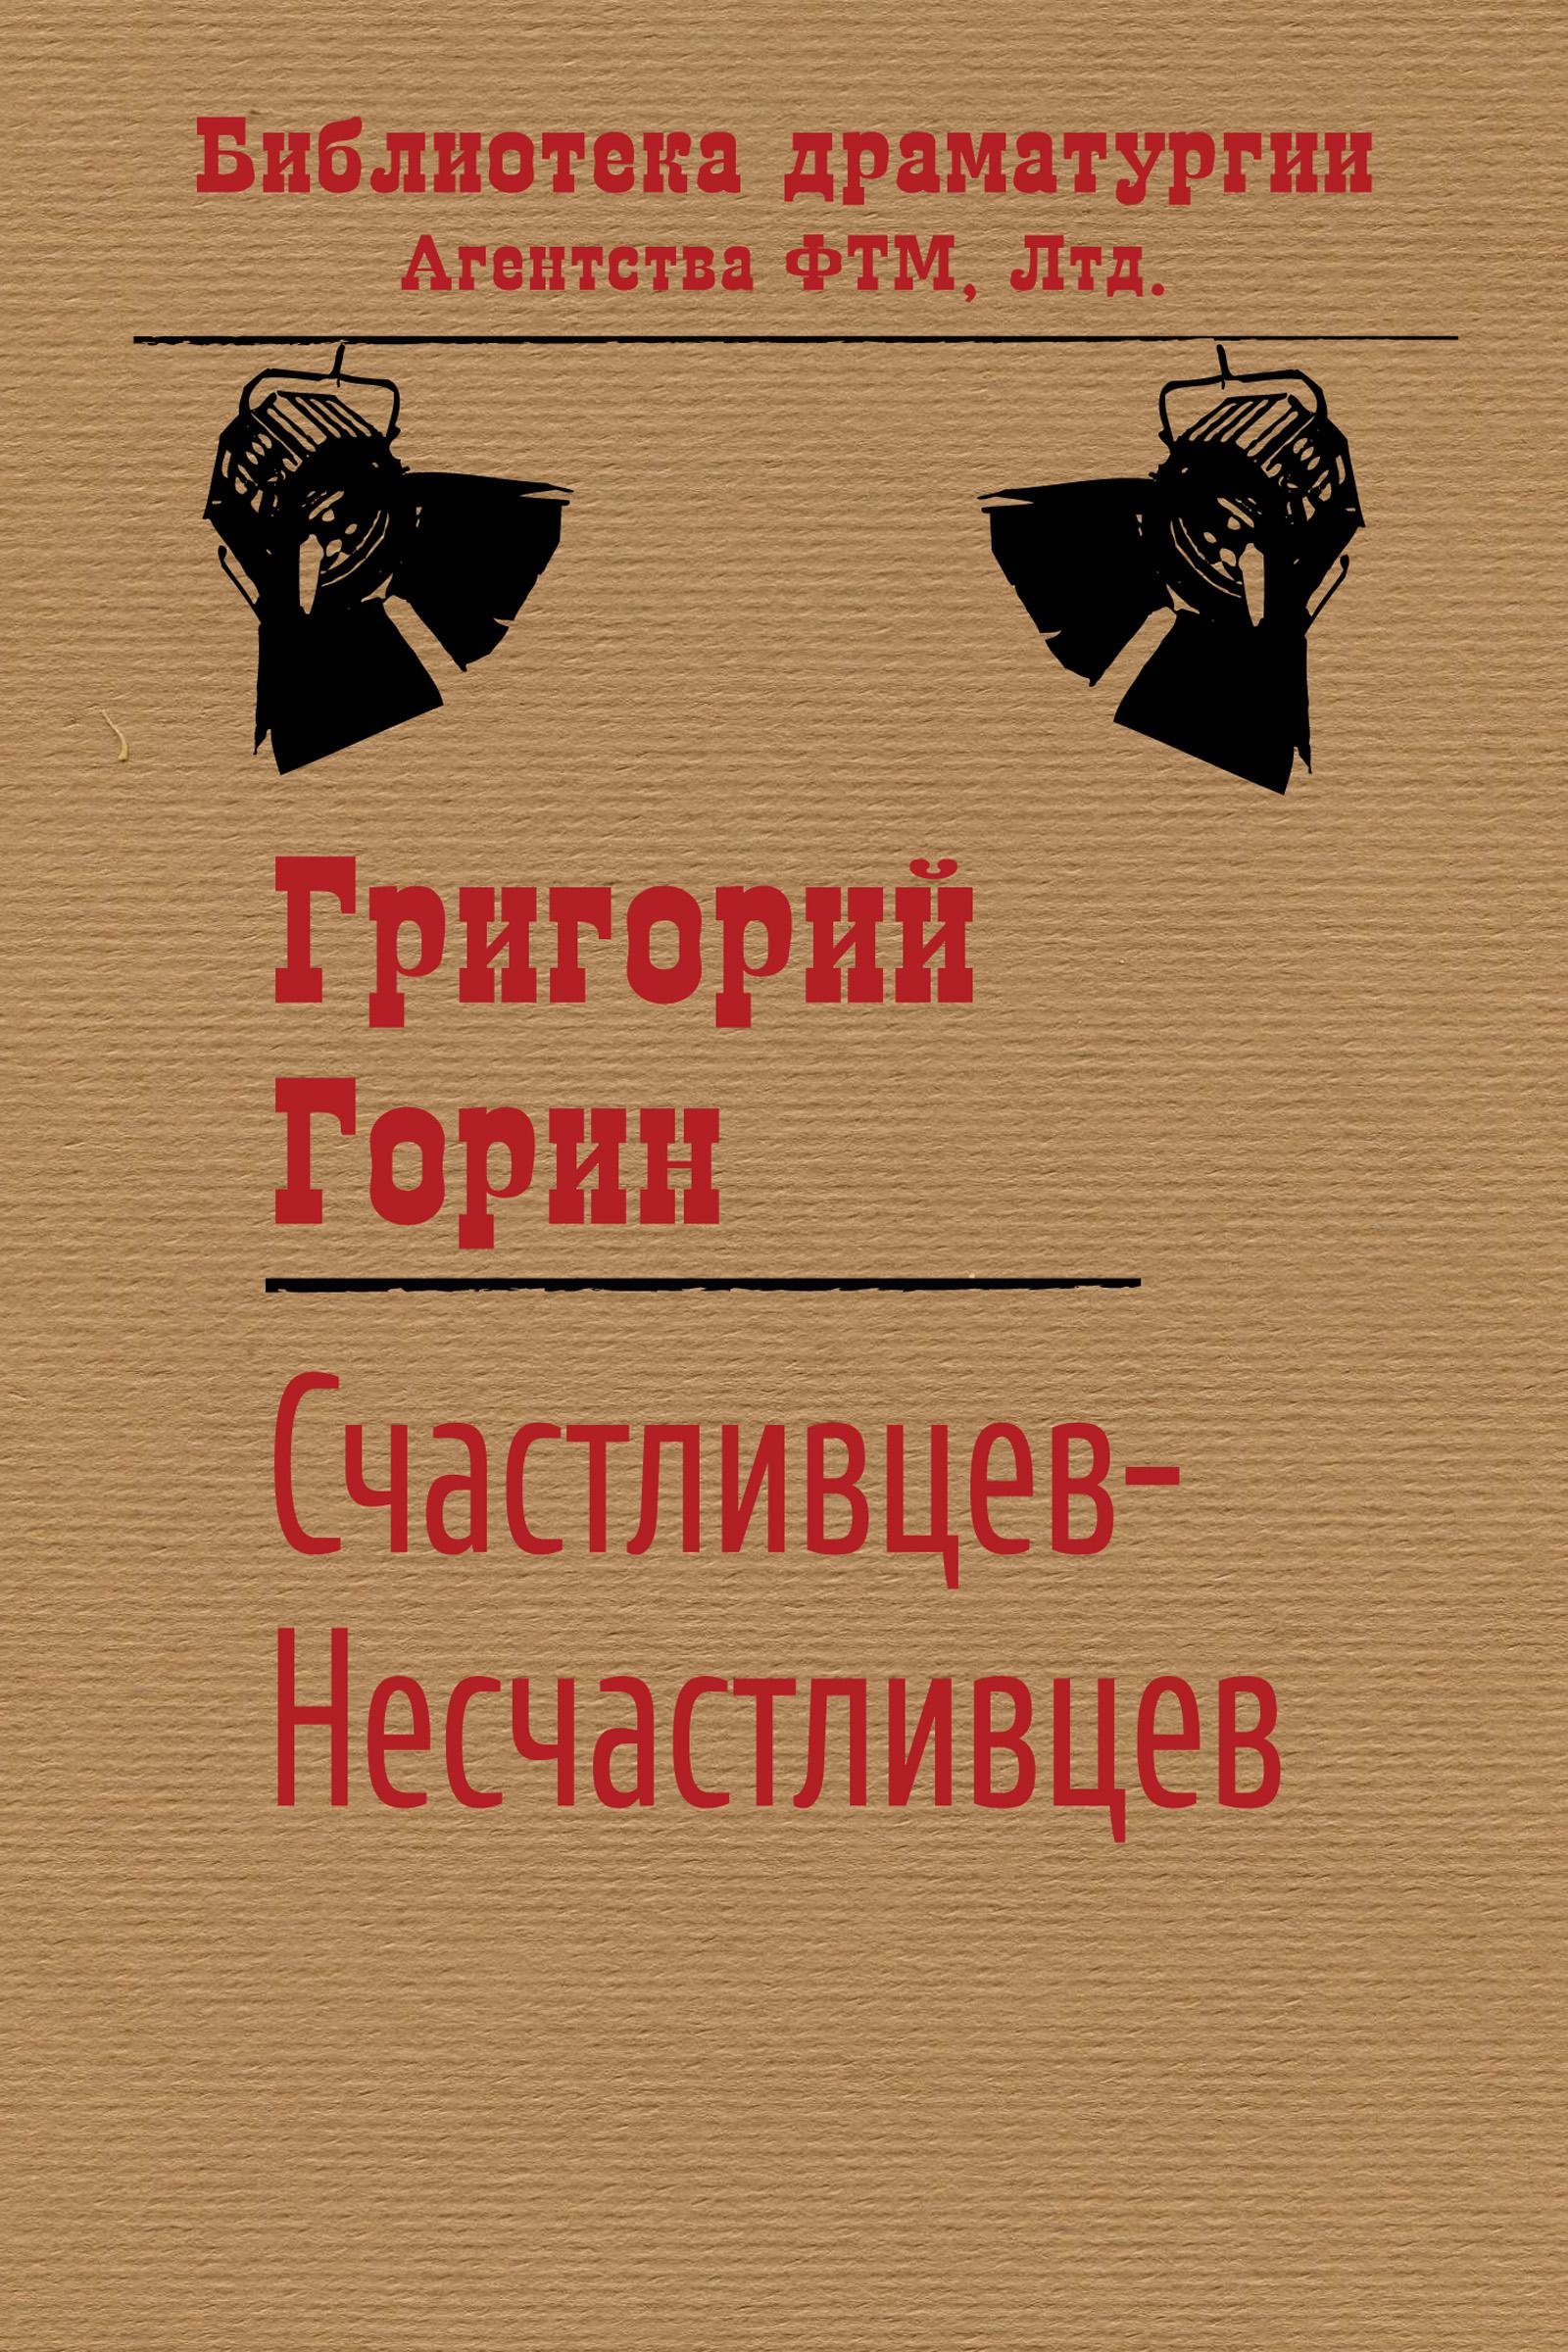 Счастливцев-Несчастливцев ( Григорий Горин  )